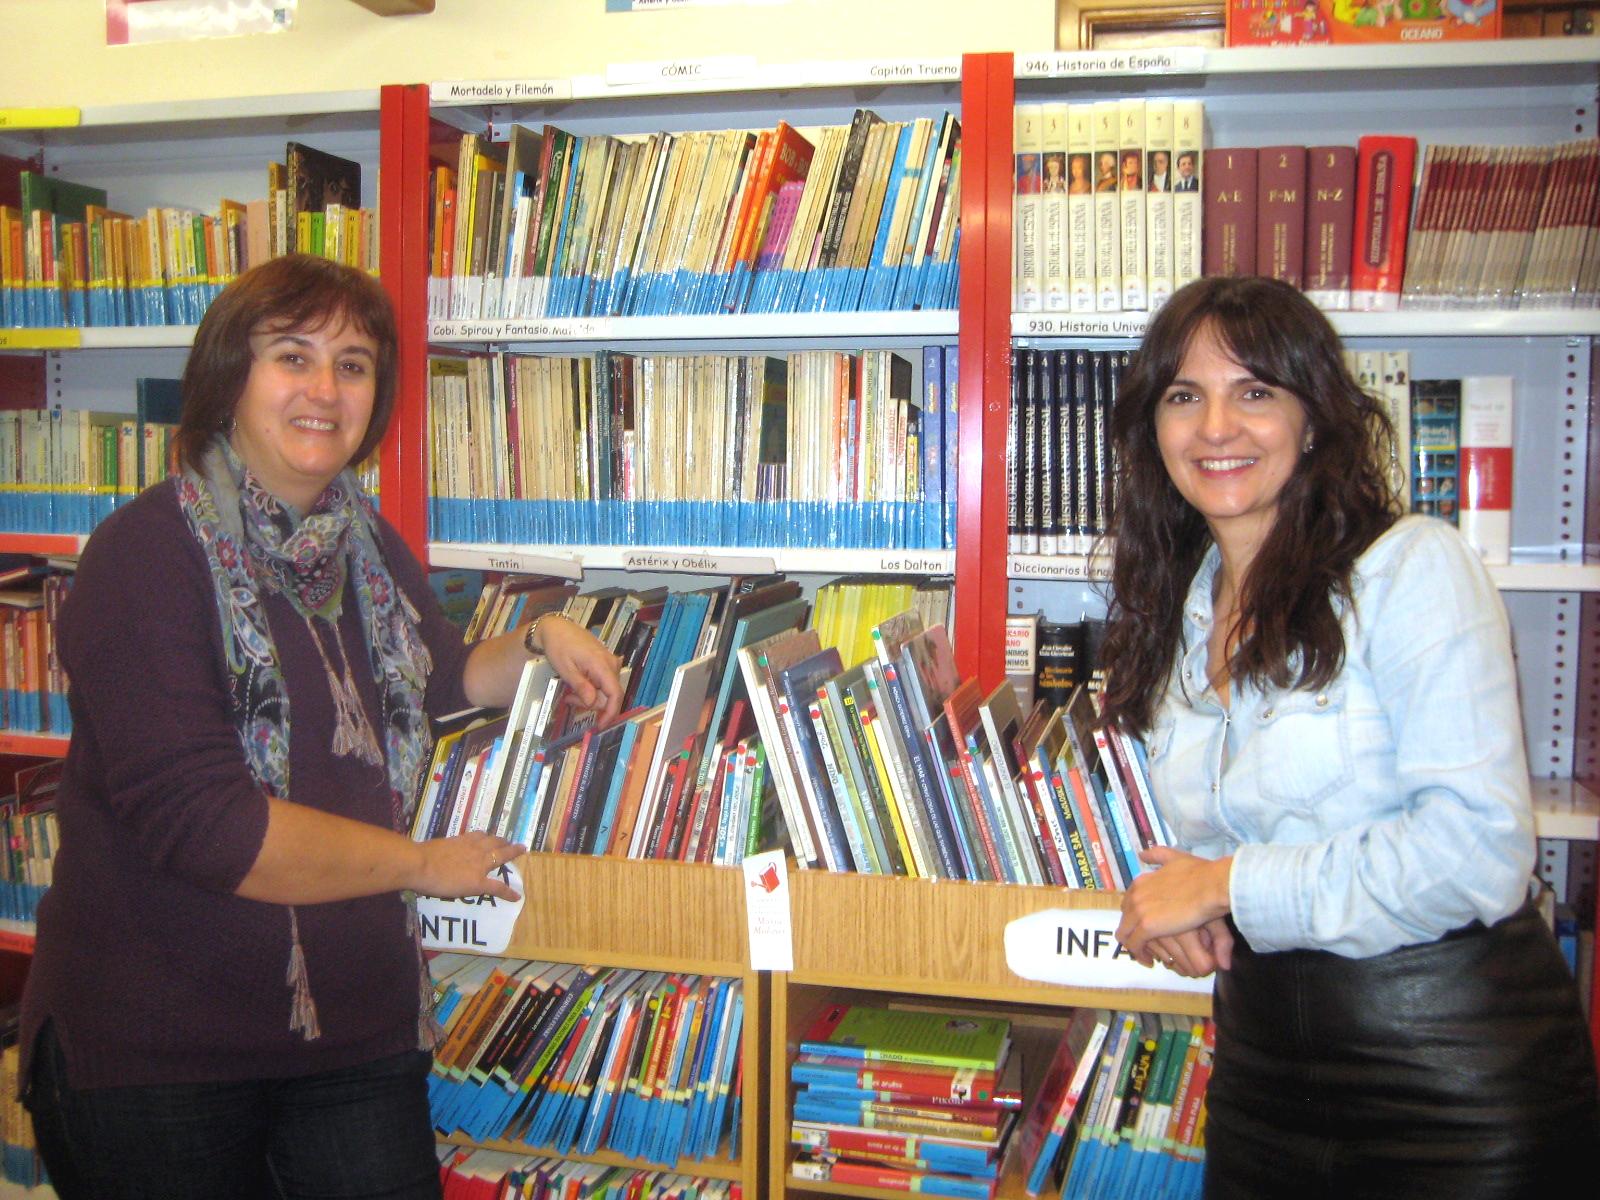 Marisa y Nines, bibliotecarias de Yunquera